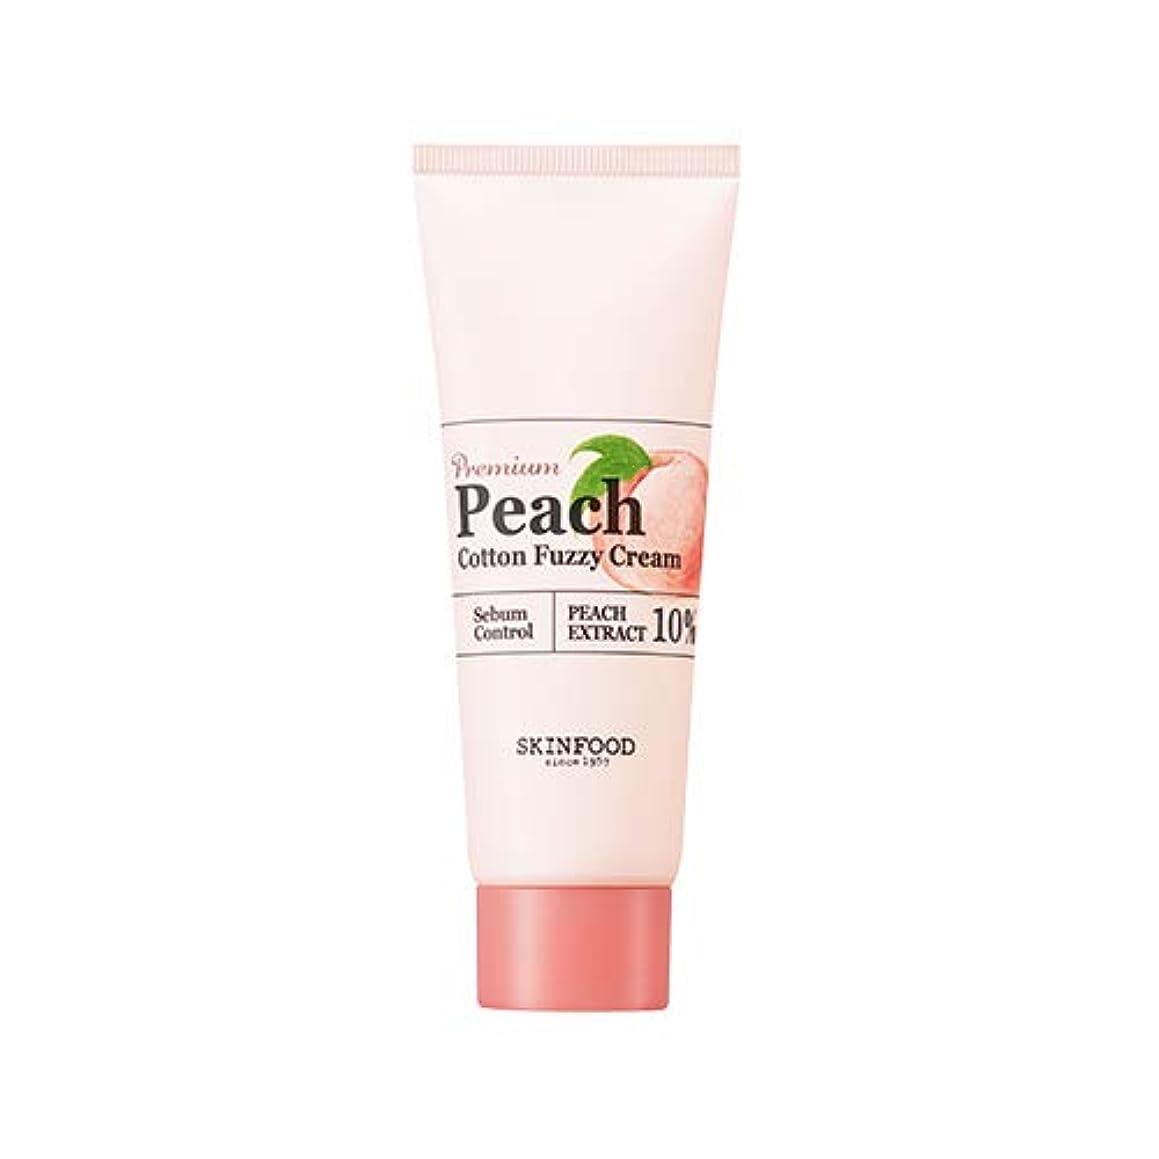 元の並外れた称賛Skinfood プレミアムピーチコットンファジークリーム/Premium Peach Cotton Fuzzy Cream 65ml [並行輸入品]